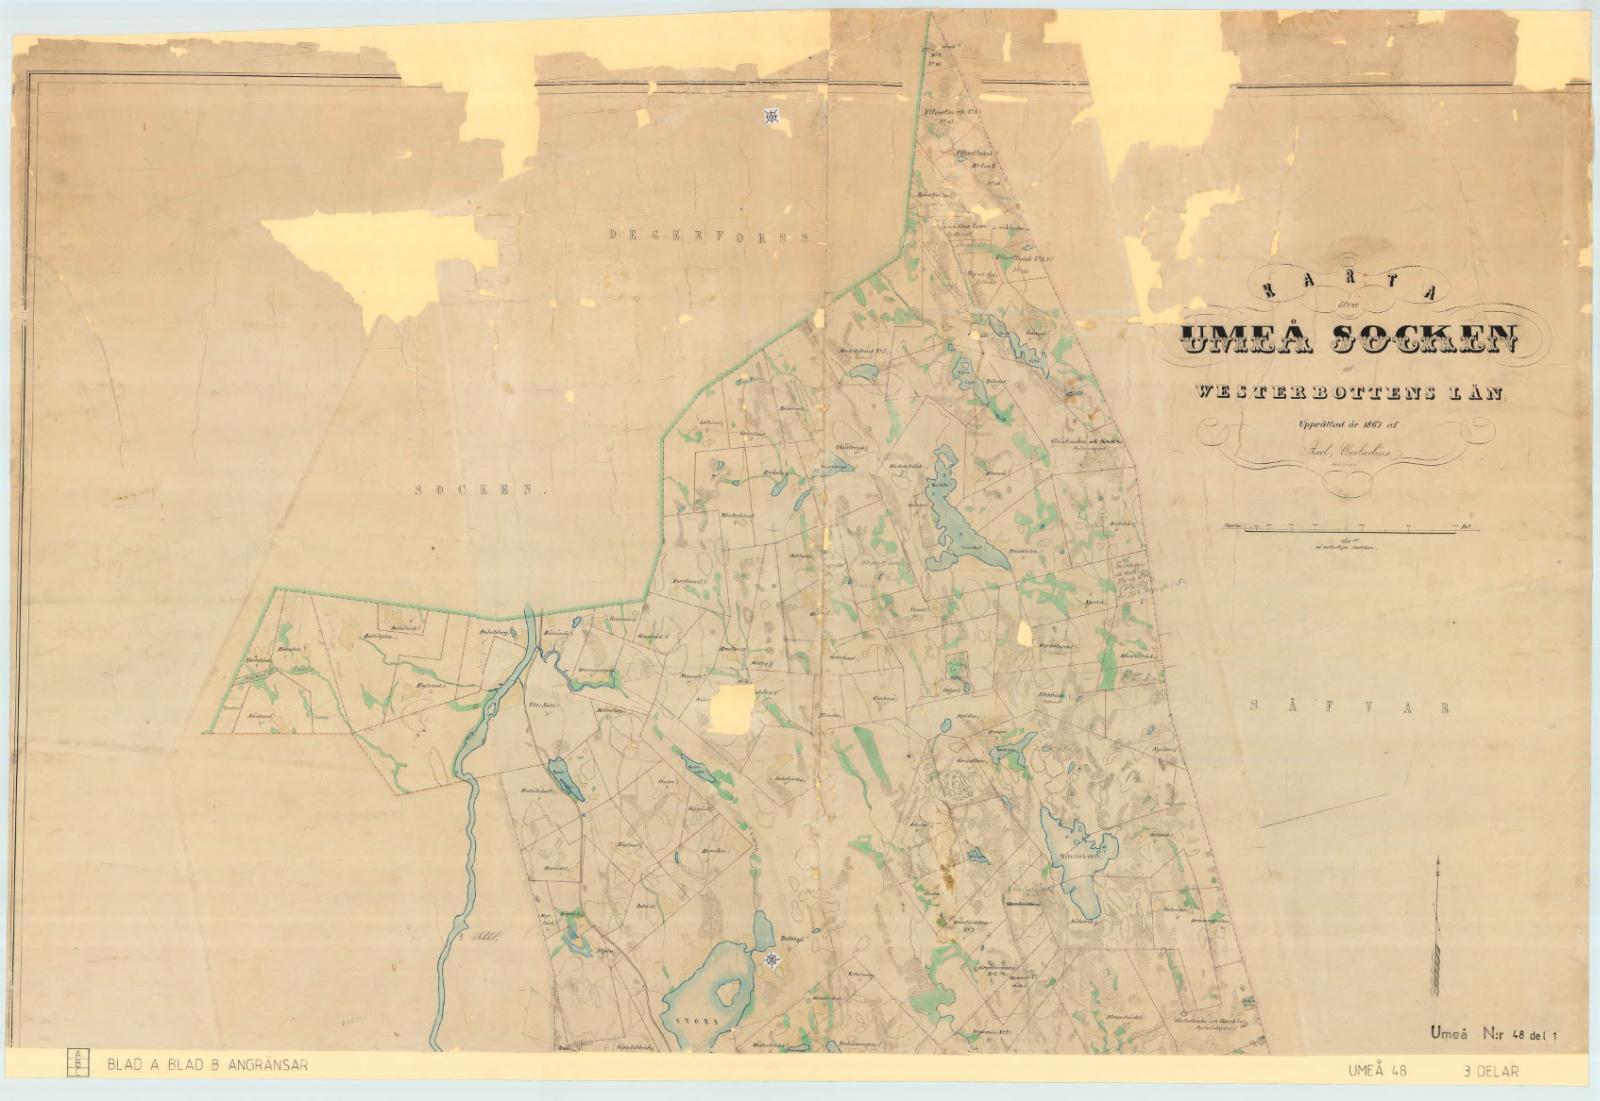 Umeå socken år 1867